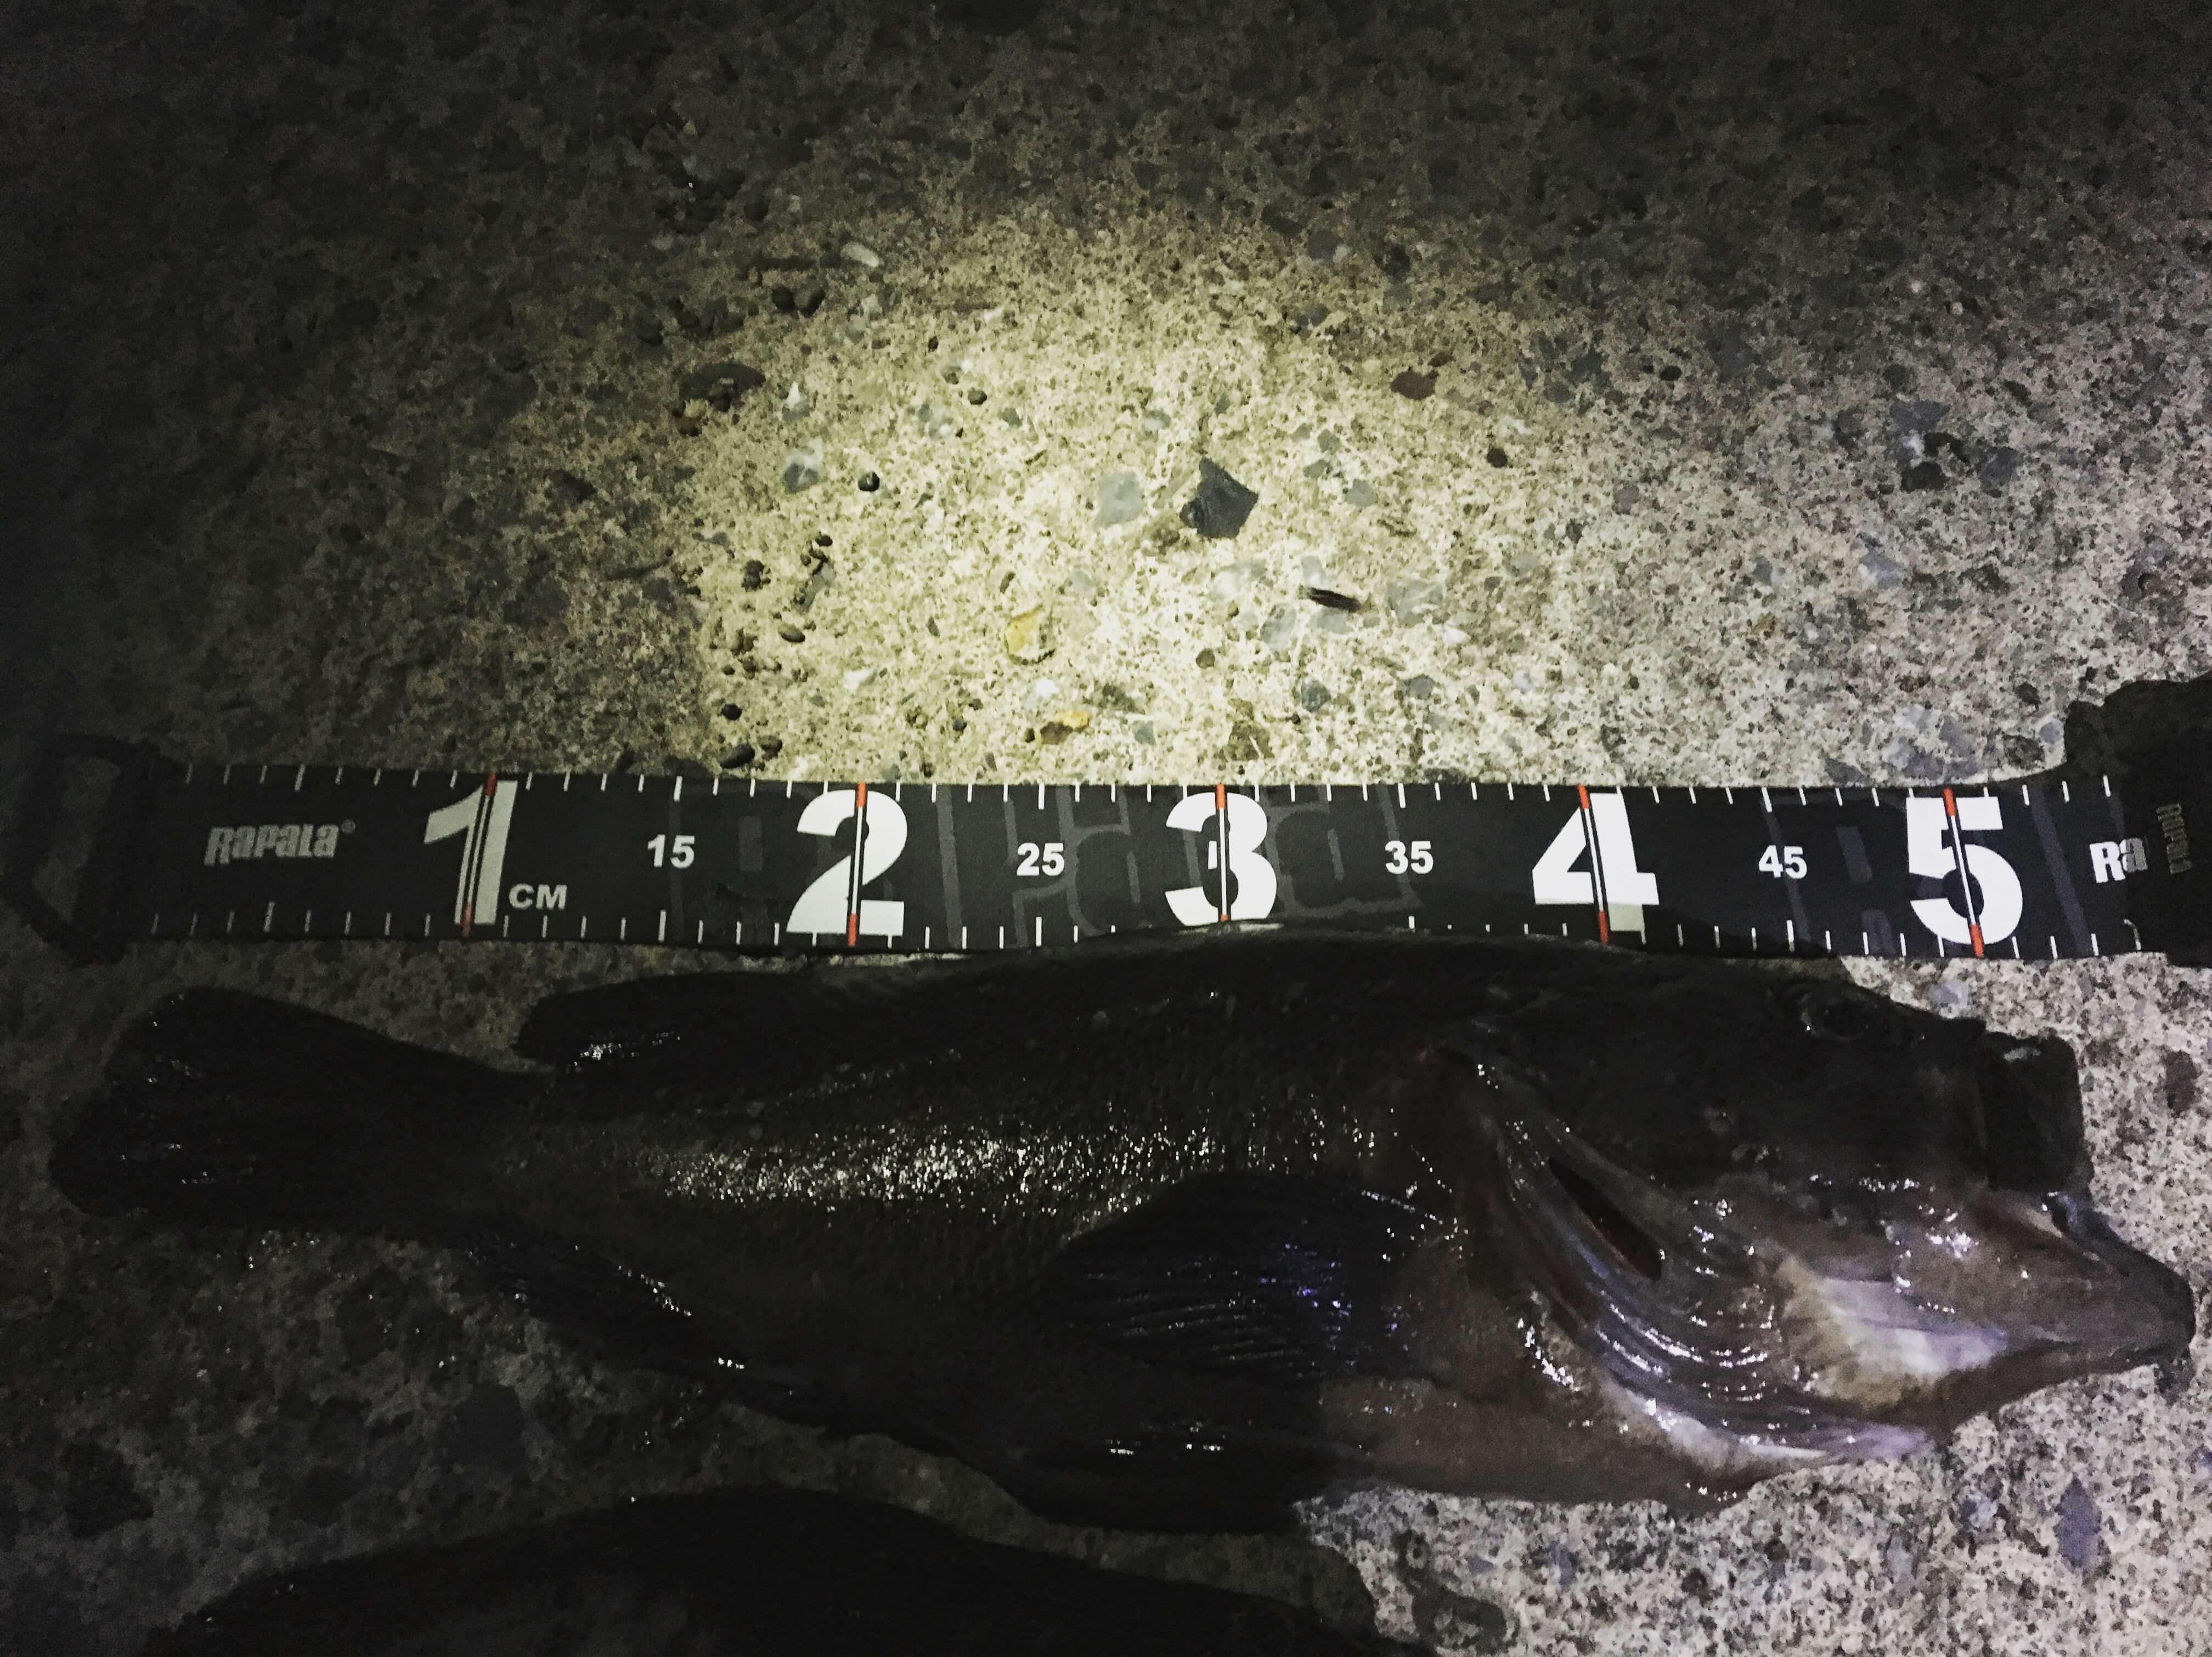 函館の海は、サーフから50アップのクロソイが釣れる素晴らしい海です。